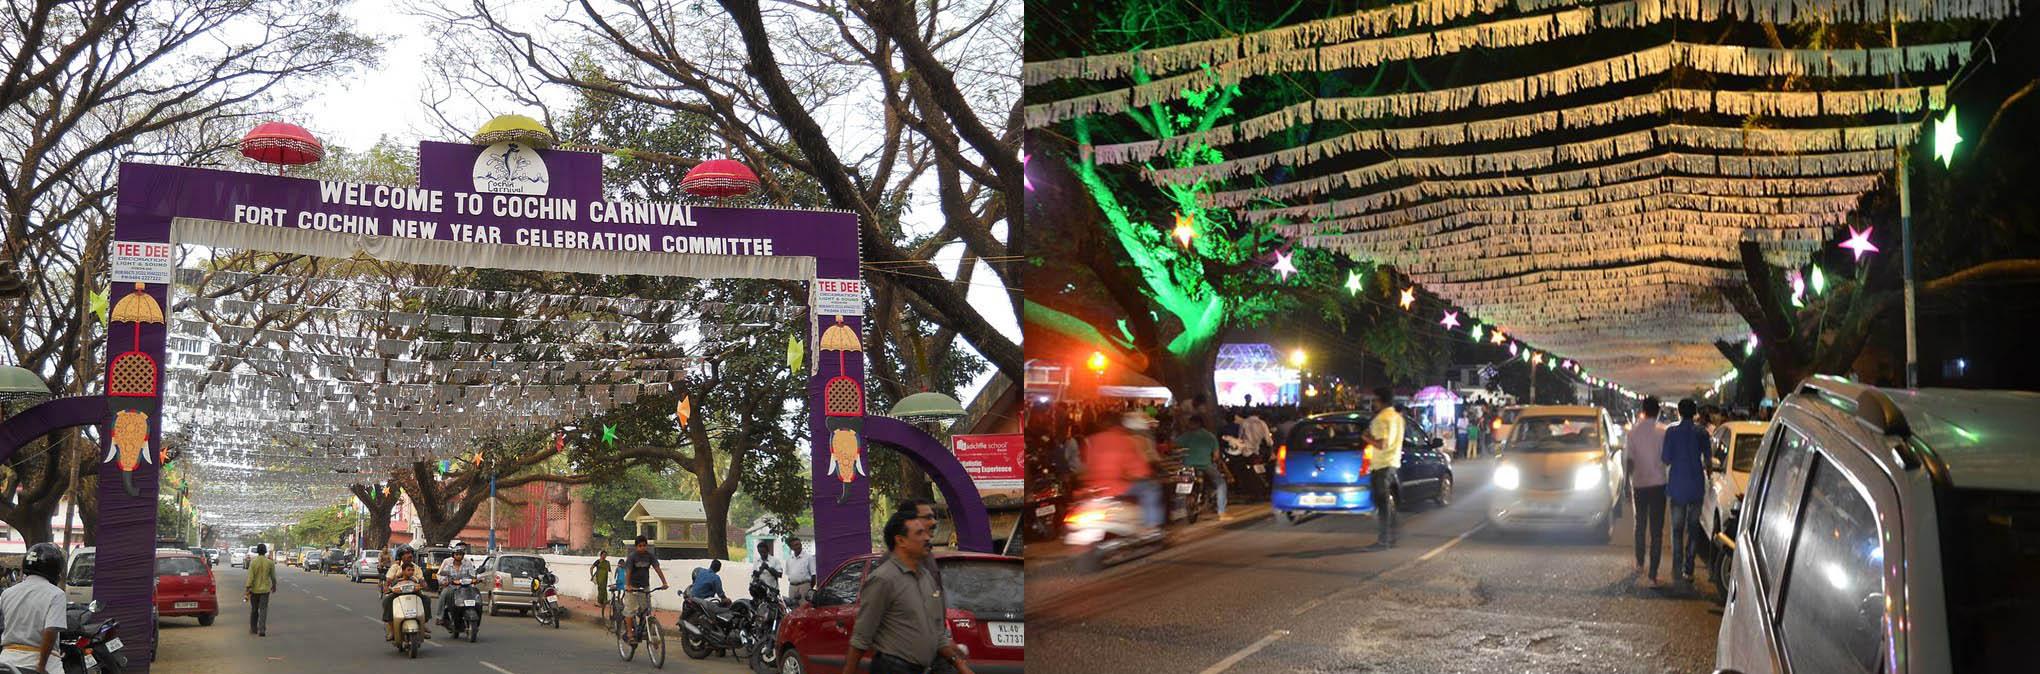 cochin carnival path